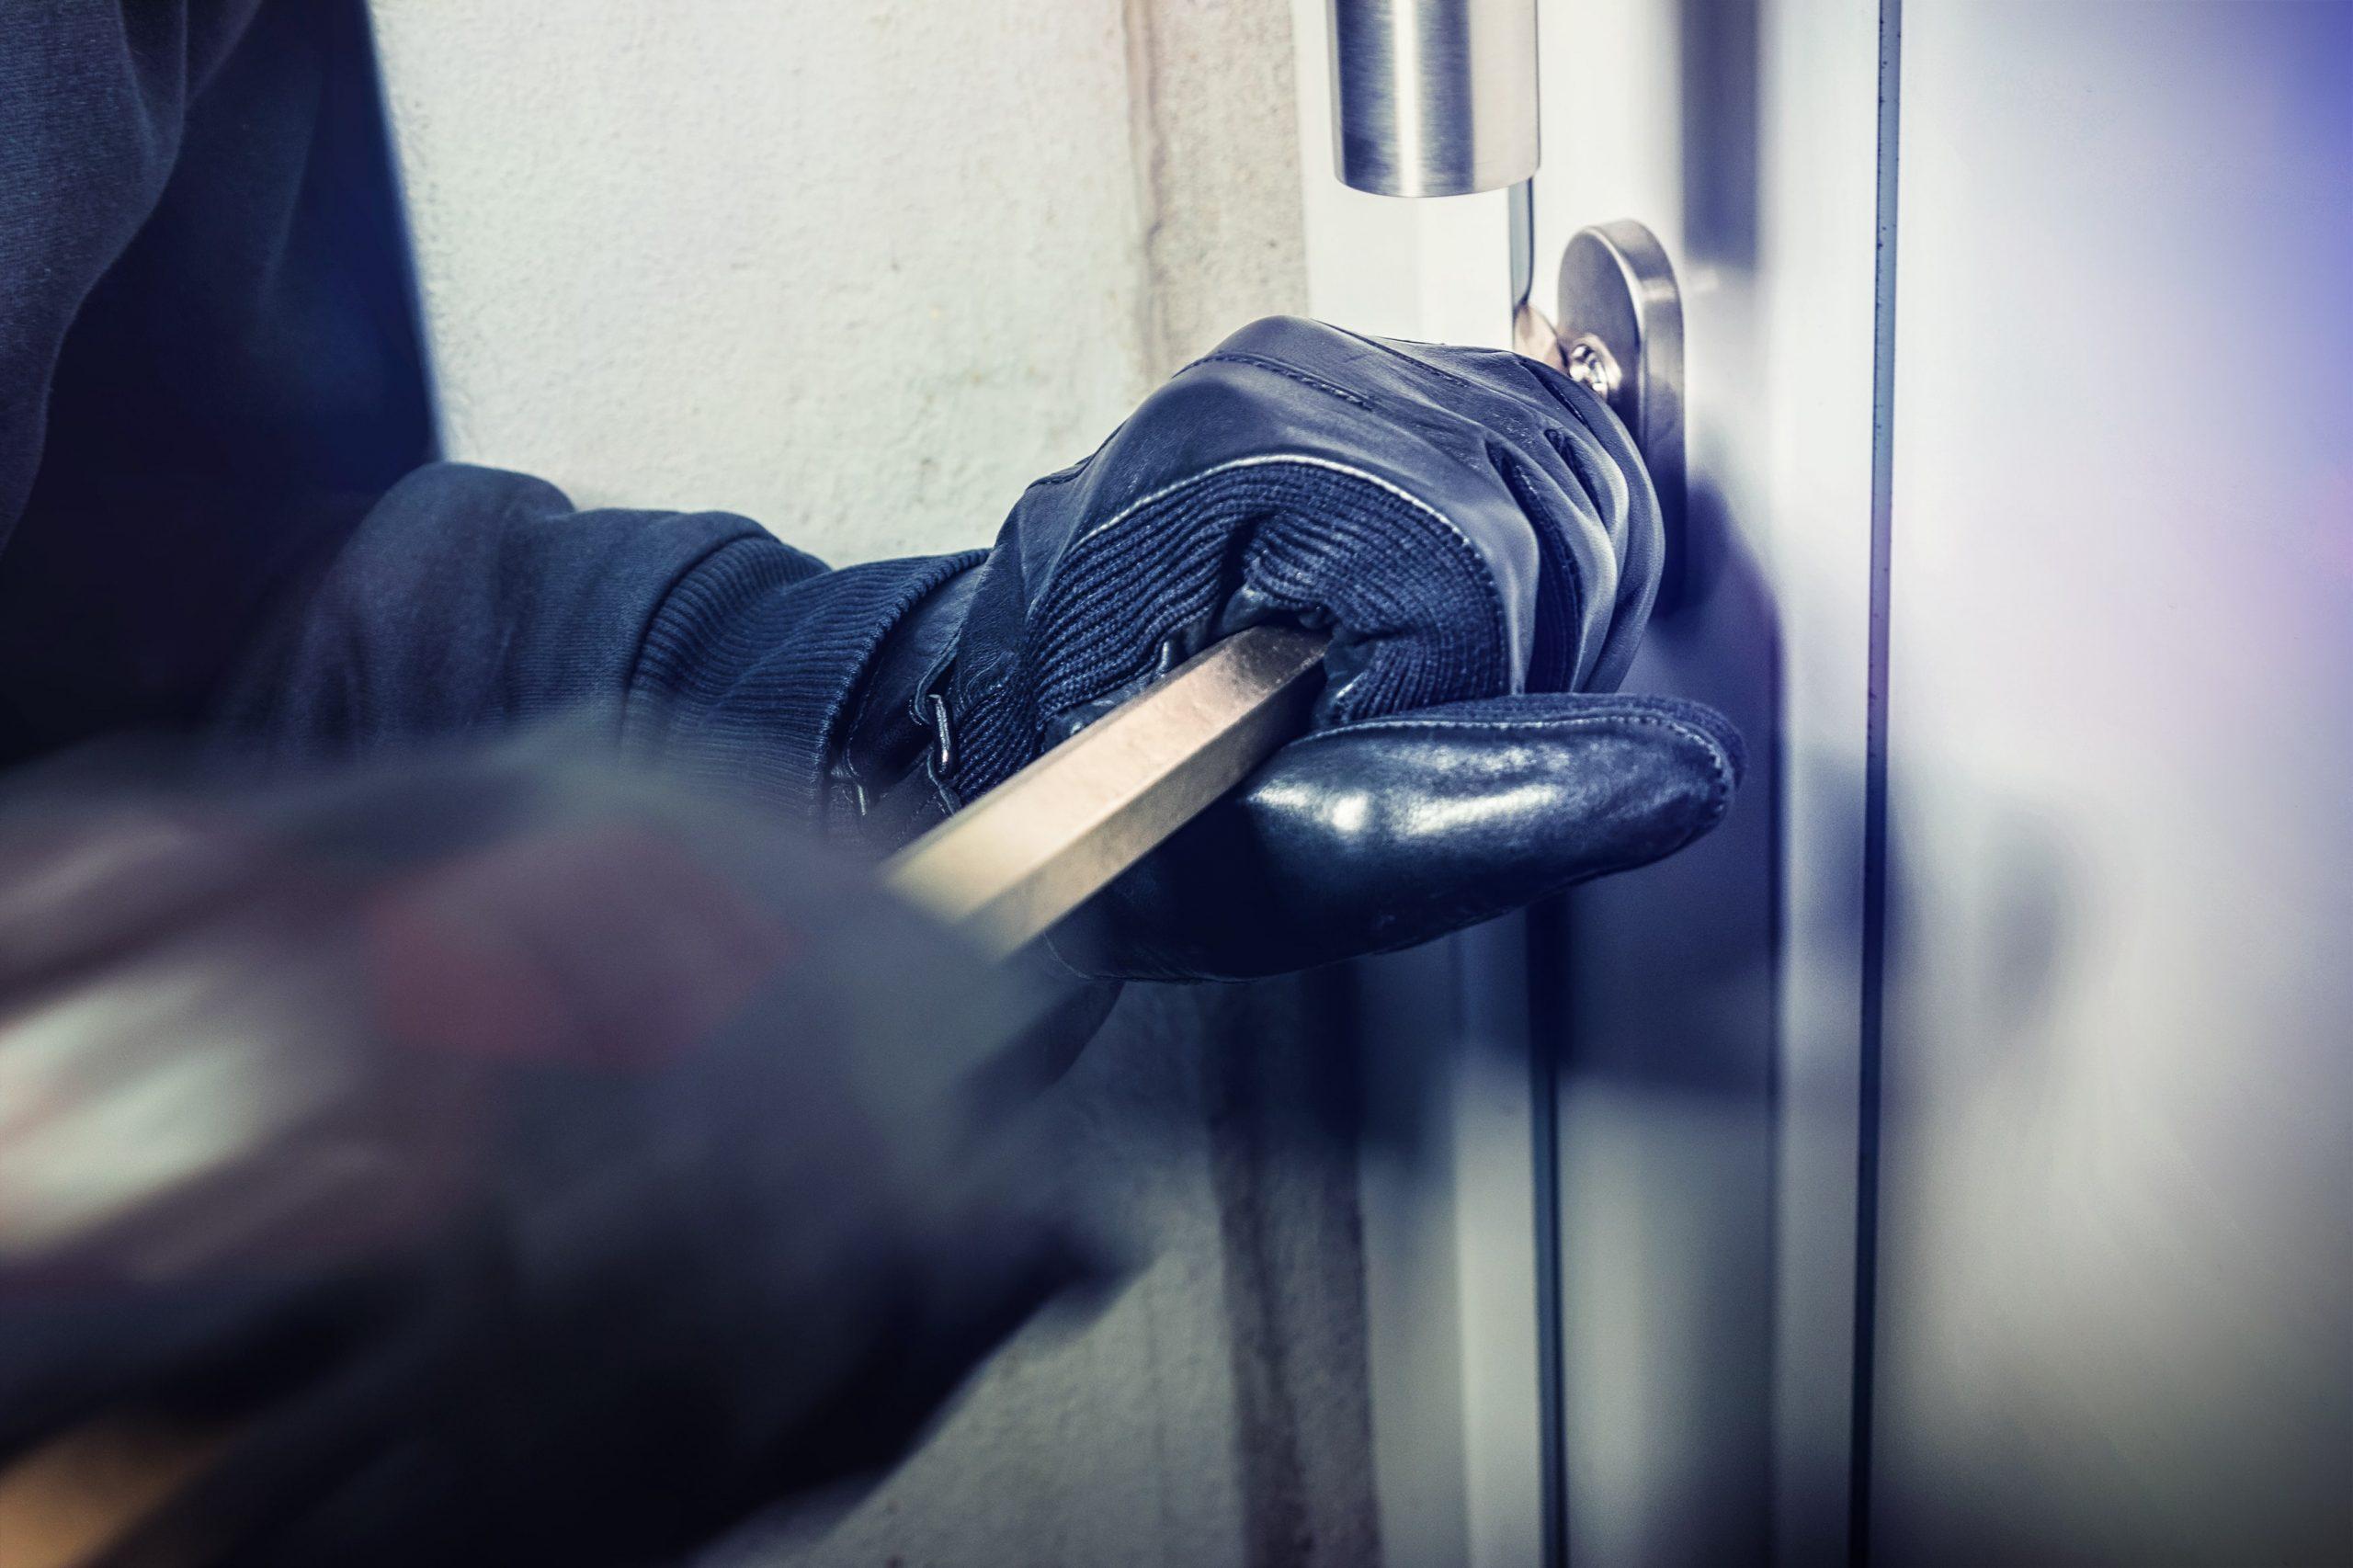 Inbreker die met koevoet probeerd een deur open te breken